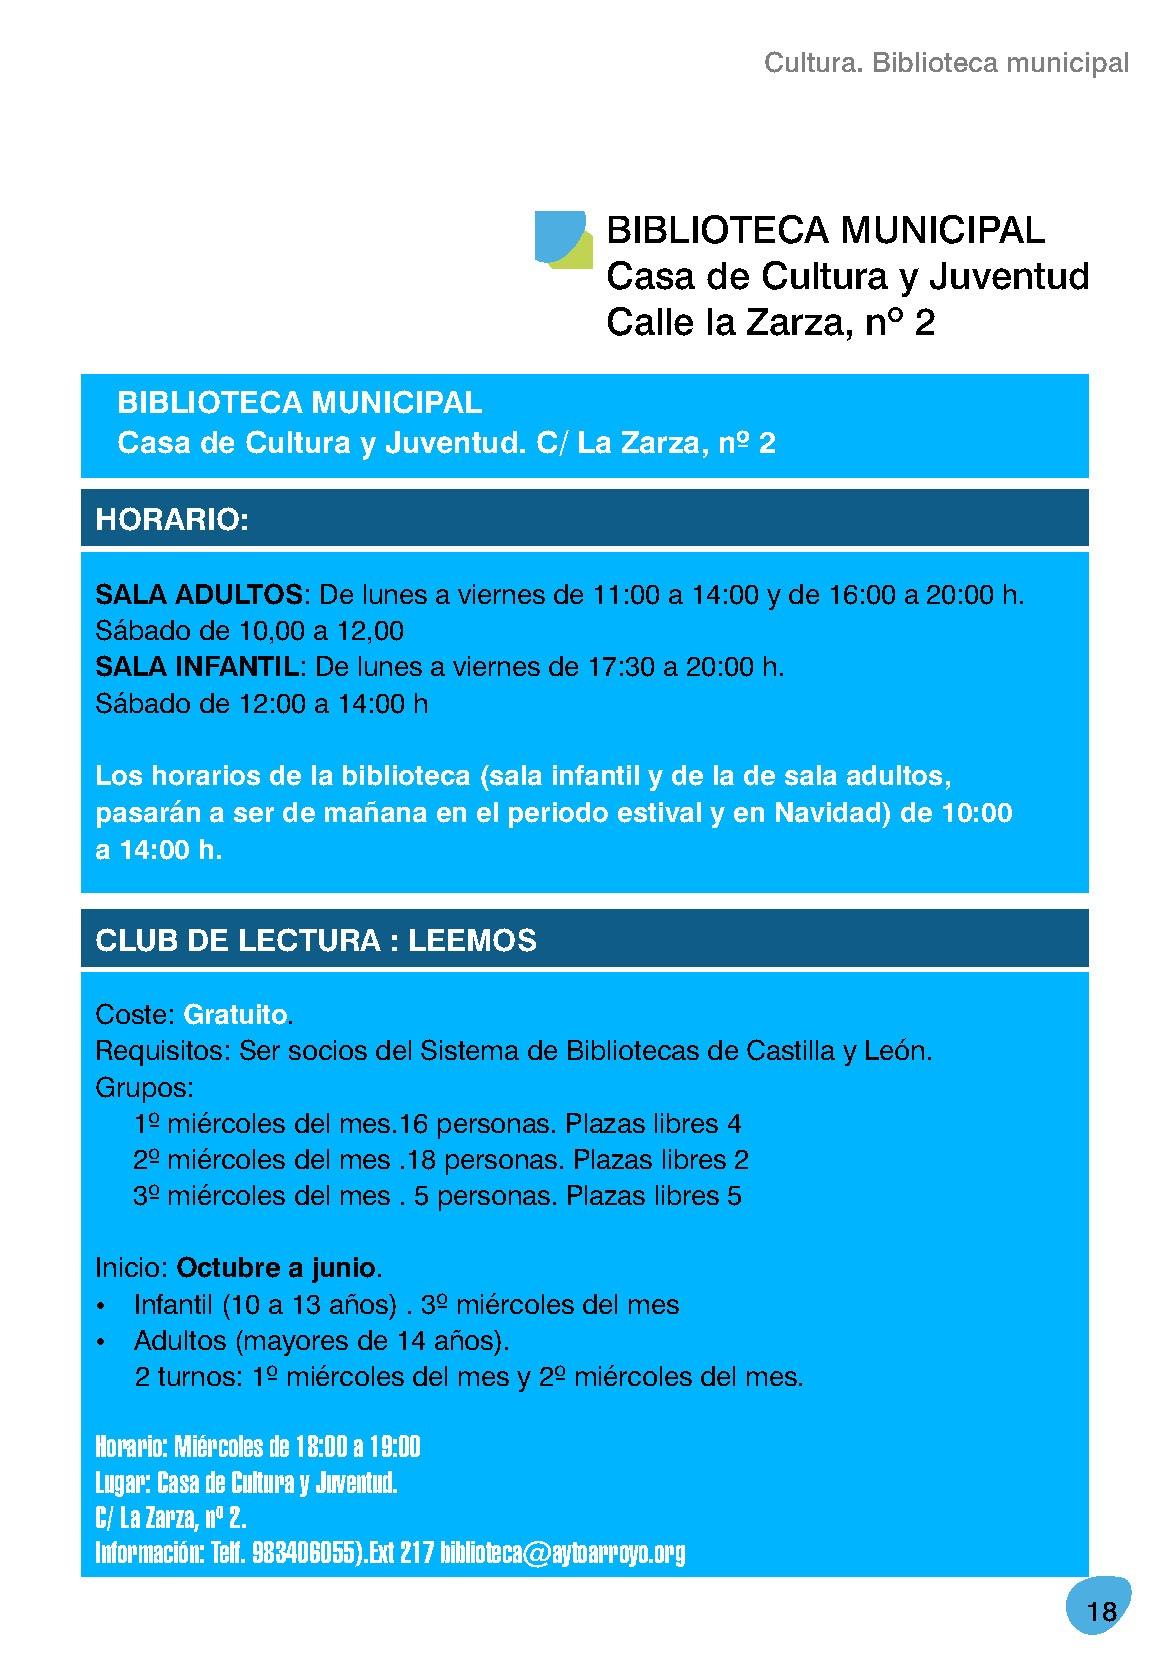 Calendario Escolar 2019 Valladolid Actual Actividades Culturales Y Deportivas 2017 2018 Of Calendario Escolar 2019 Valladolid Más Populares Boe Documento Consolidado Boe A 2018 9268